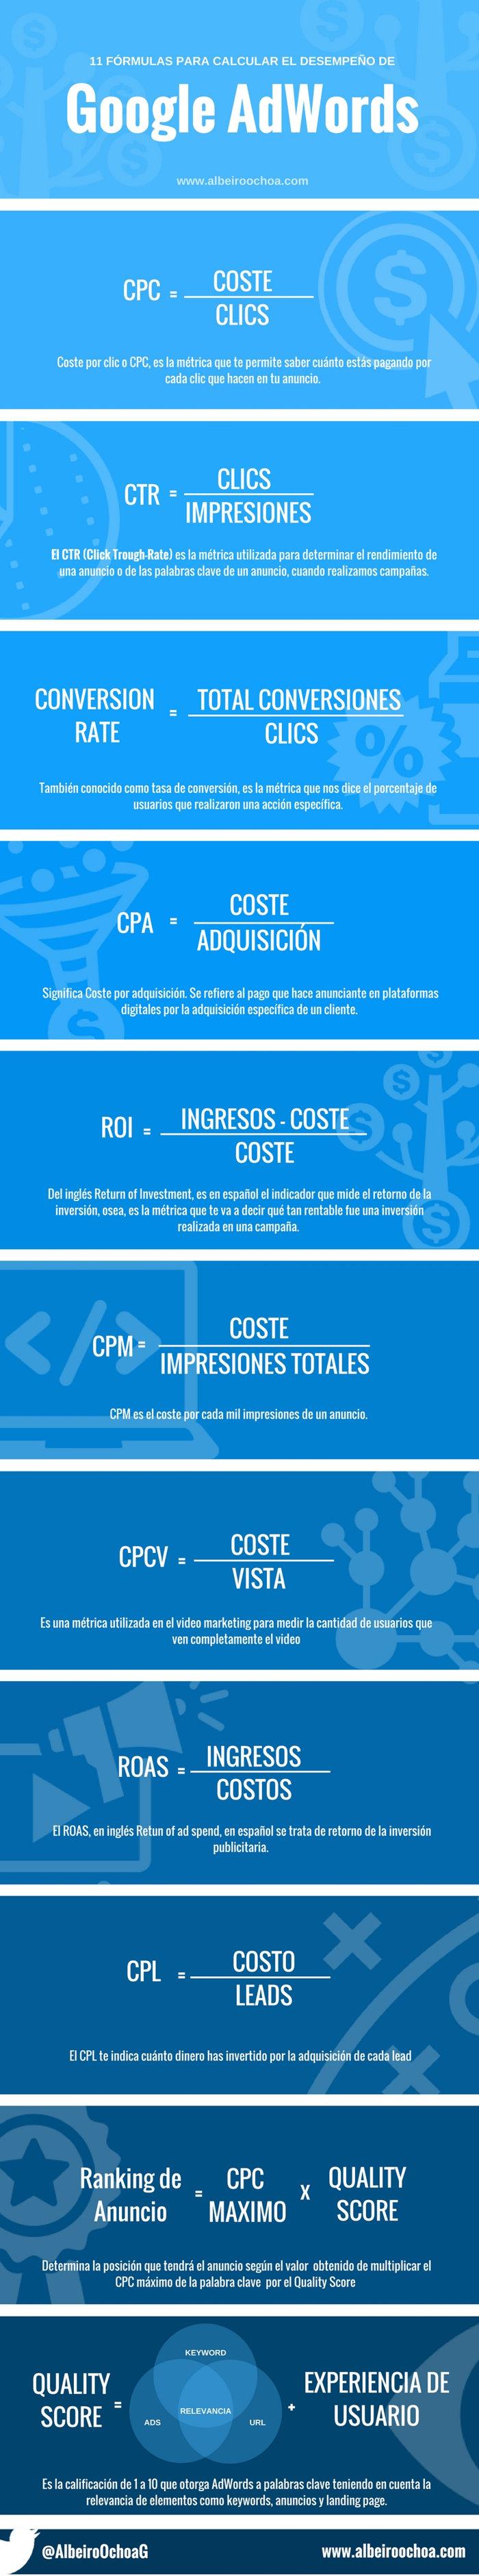 11 fórmulas que debes conocer en Google Adwords #infografia #infographic #marketing